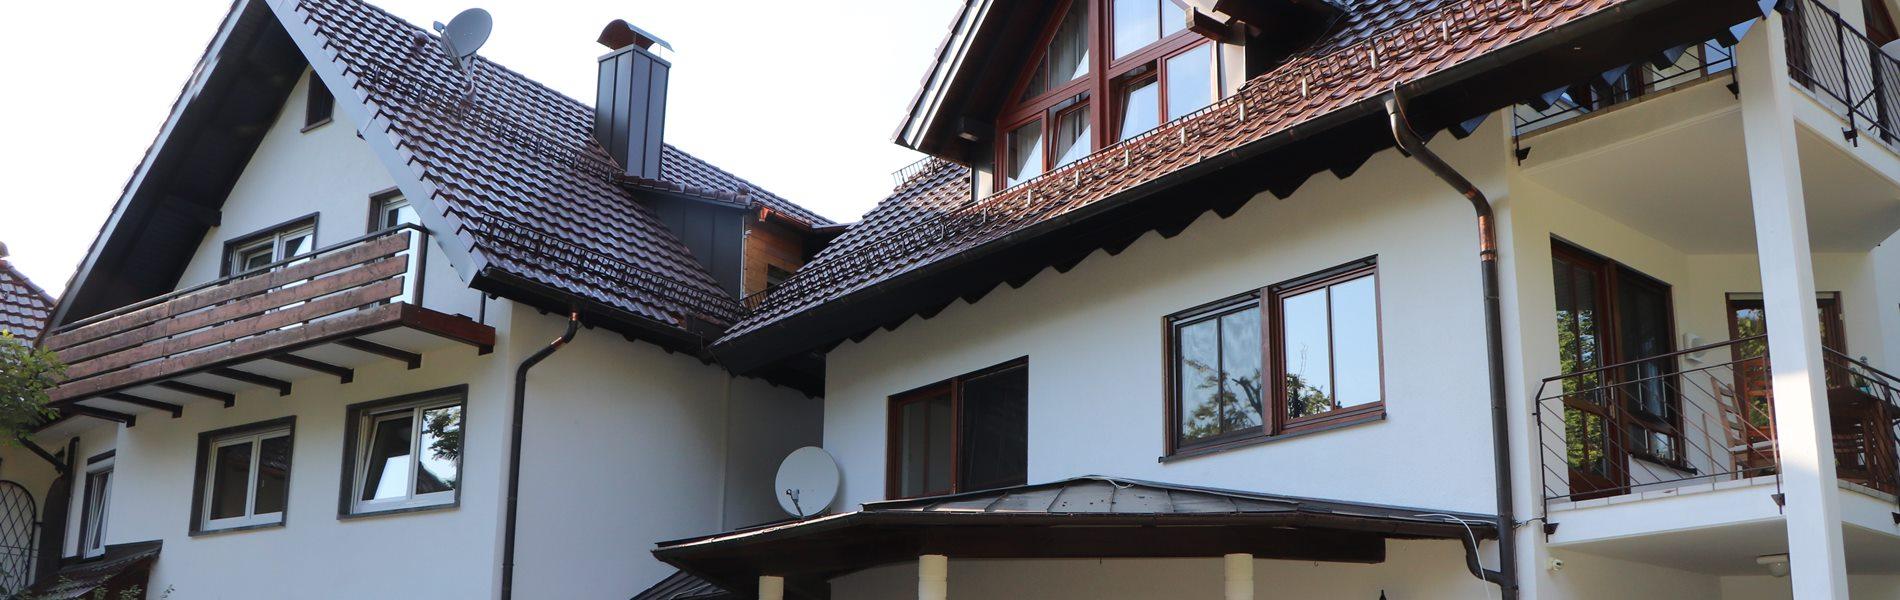 mietwohungen-wohnpark-schwarzwald-oberharmersbach